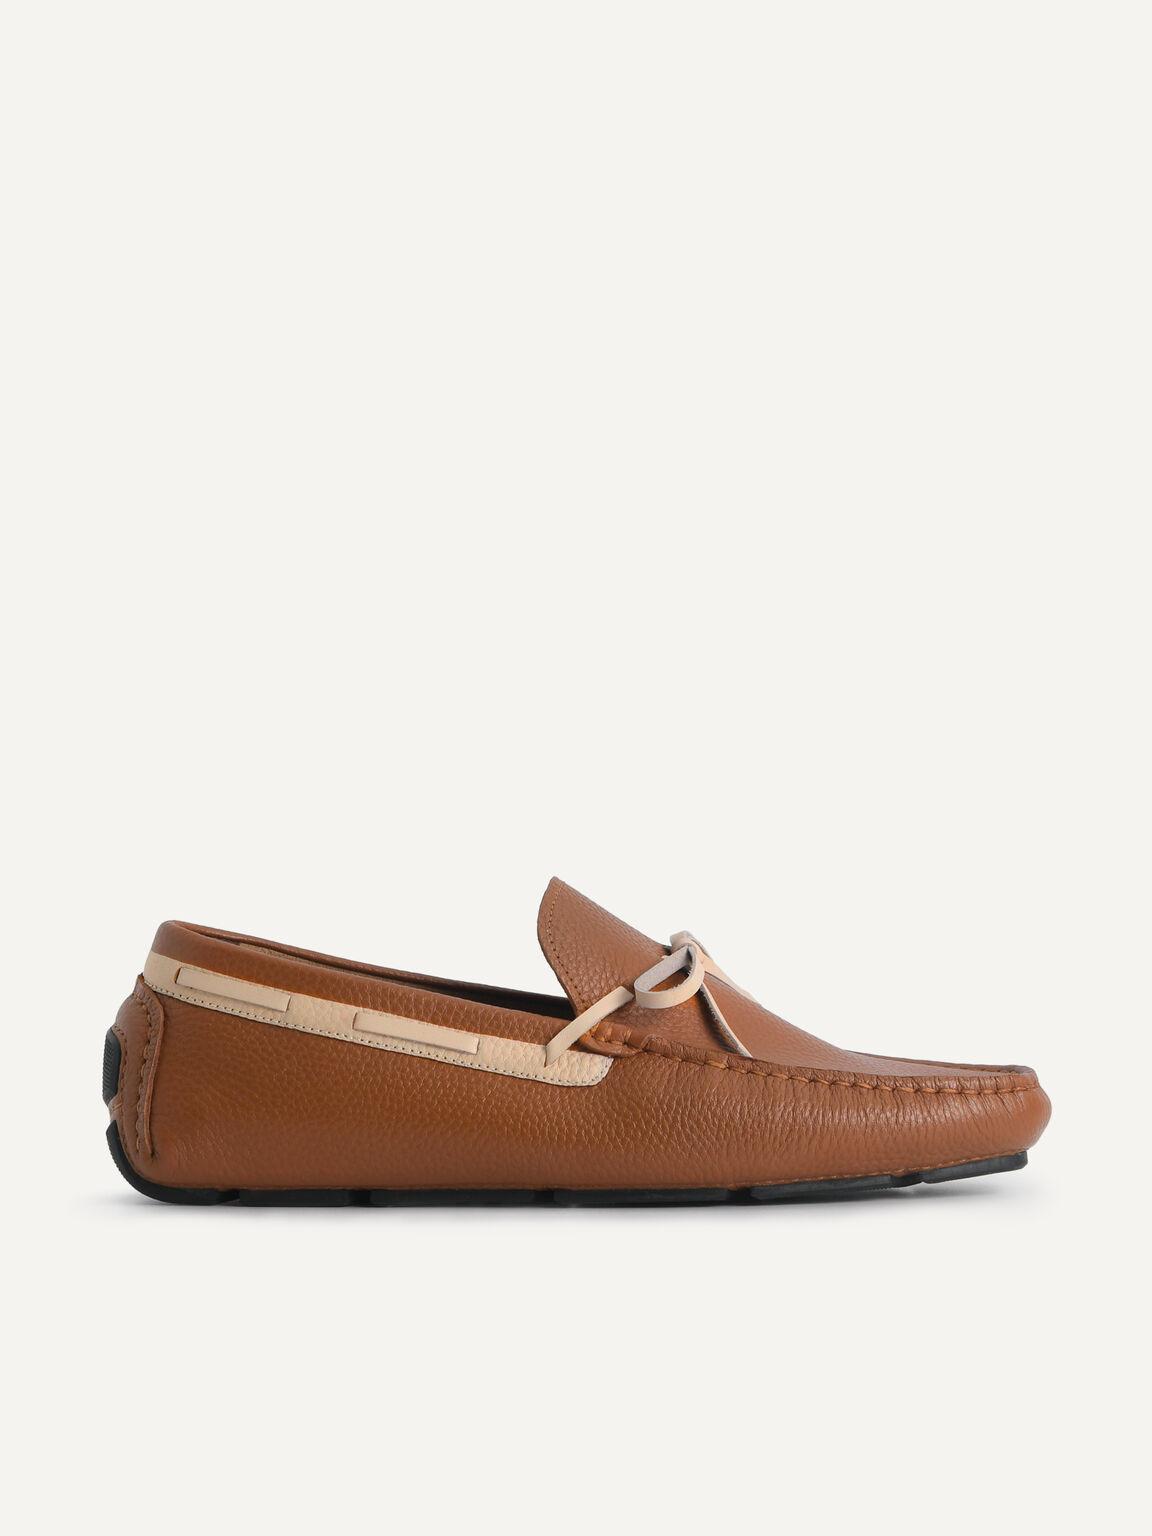 蝴蝶結織紋莫卡辛鞋, 棕色, hi-res